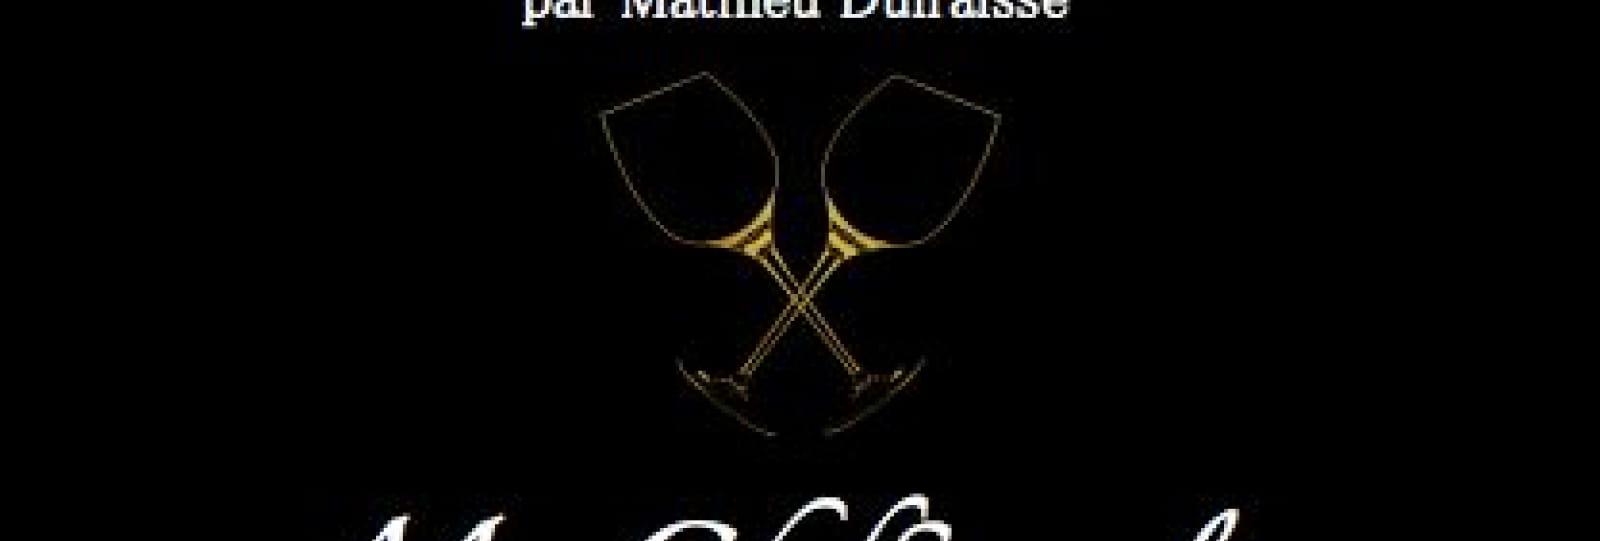 Conciergerie du Vin par Mathieu Dufraisse